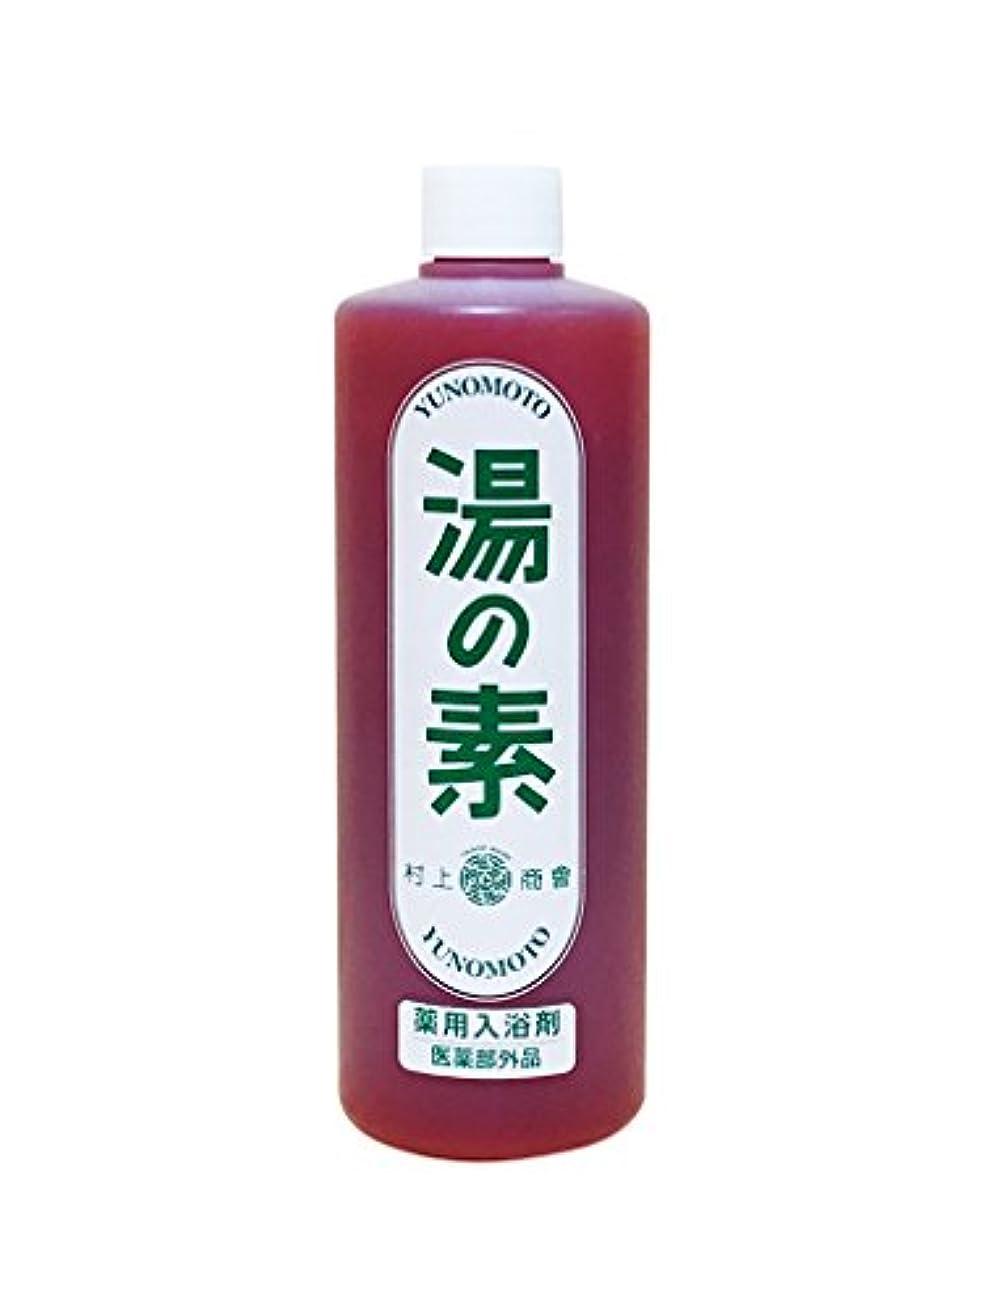 形成不和脳硫黄乳白色湯 湯の素 薬用入浴剤 (医薬部外品) 490g